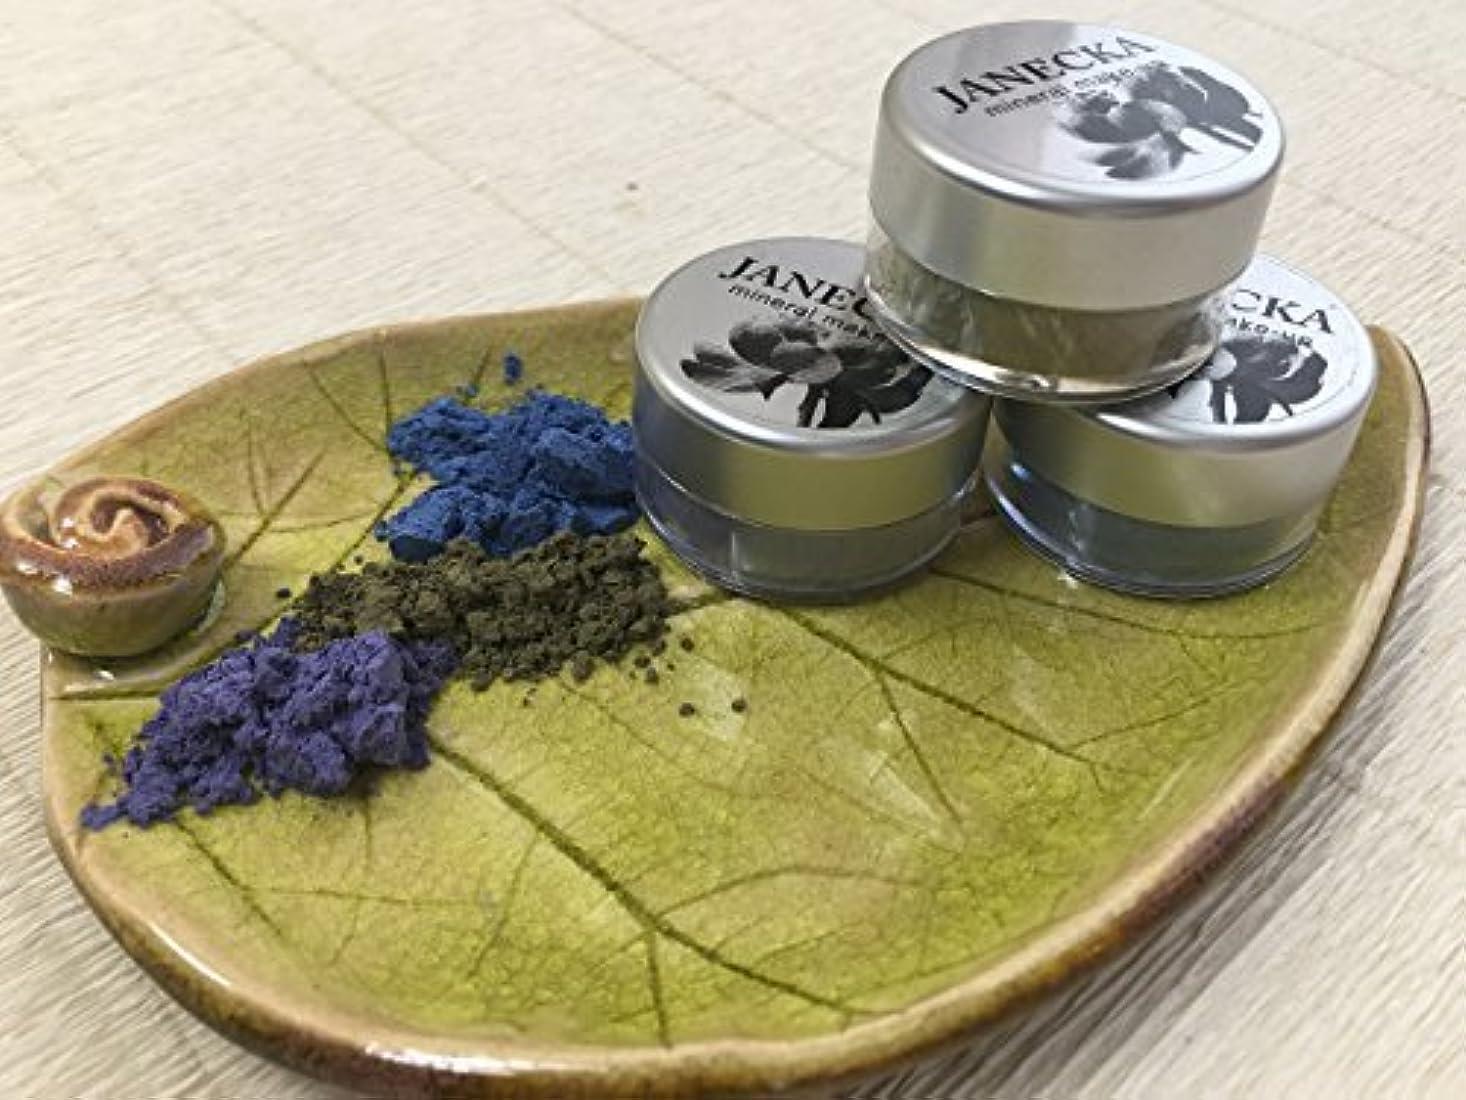 顔料交渉する対応するJANECKA Multi Color Eye Shadow - Handcrafted - Mineral Make-Up - Gift Set [並行輸入品]